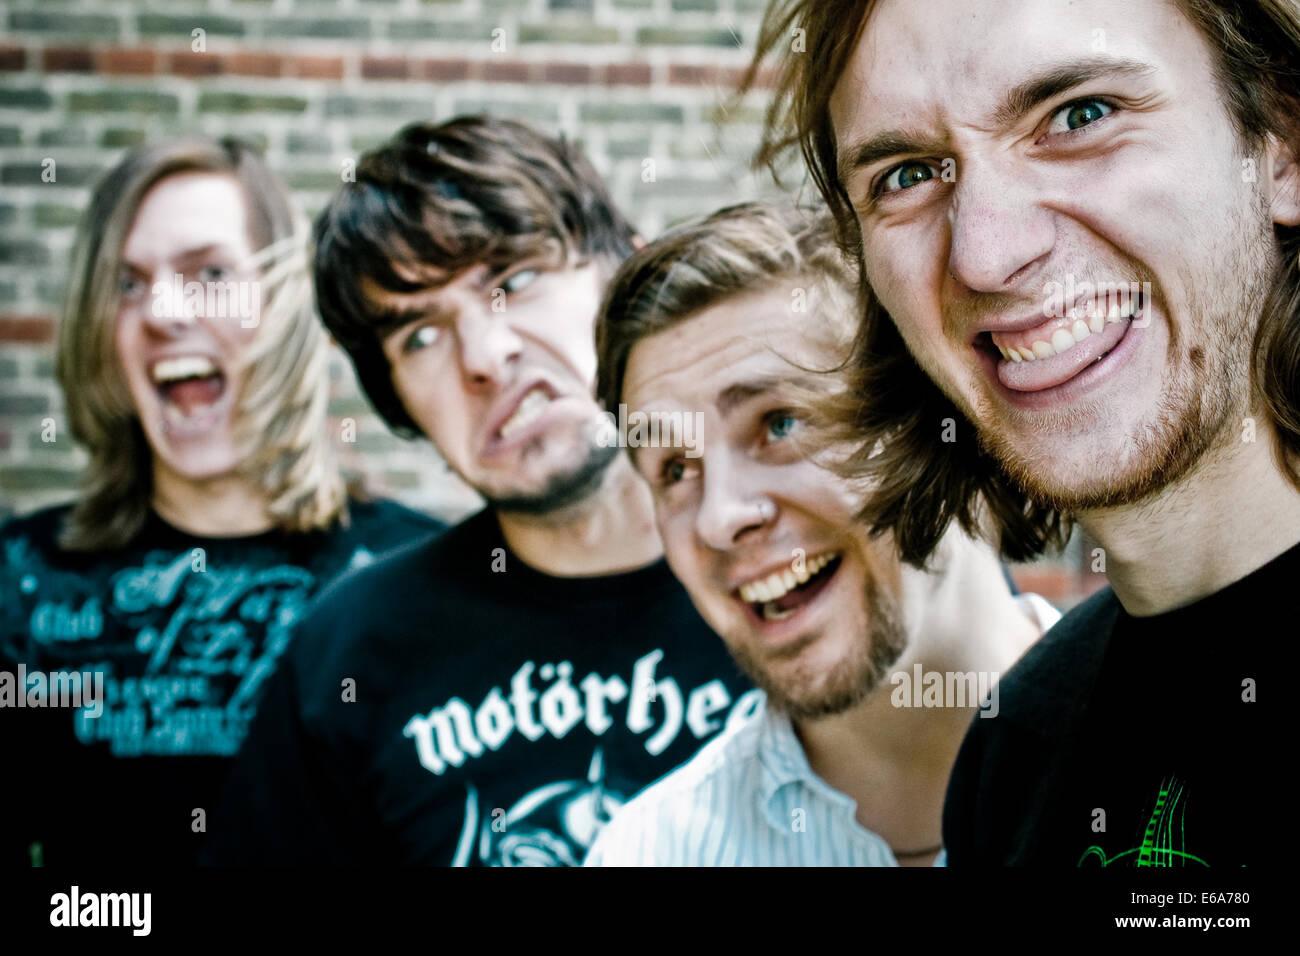 La amistad,la cultura juvenil,rockero,la banda de música Imagen De Stock